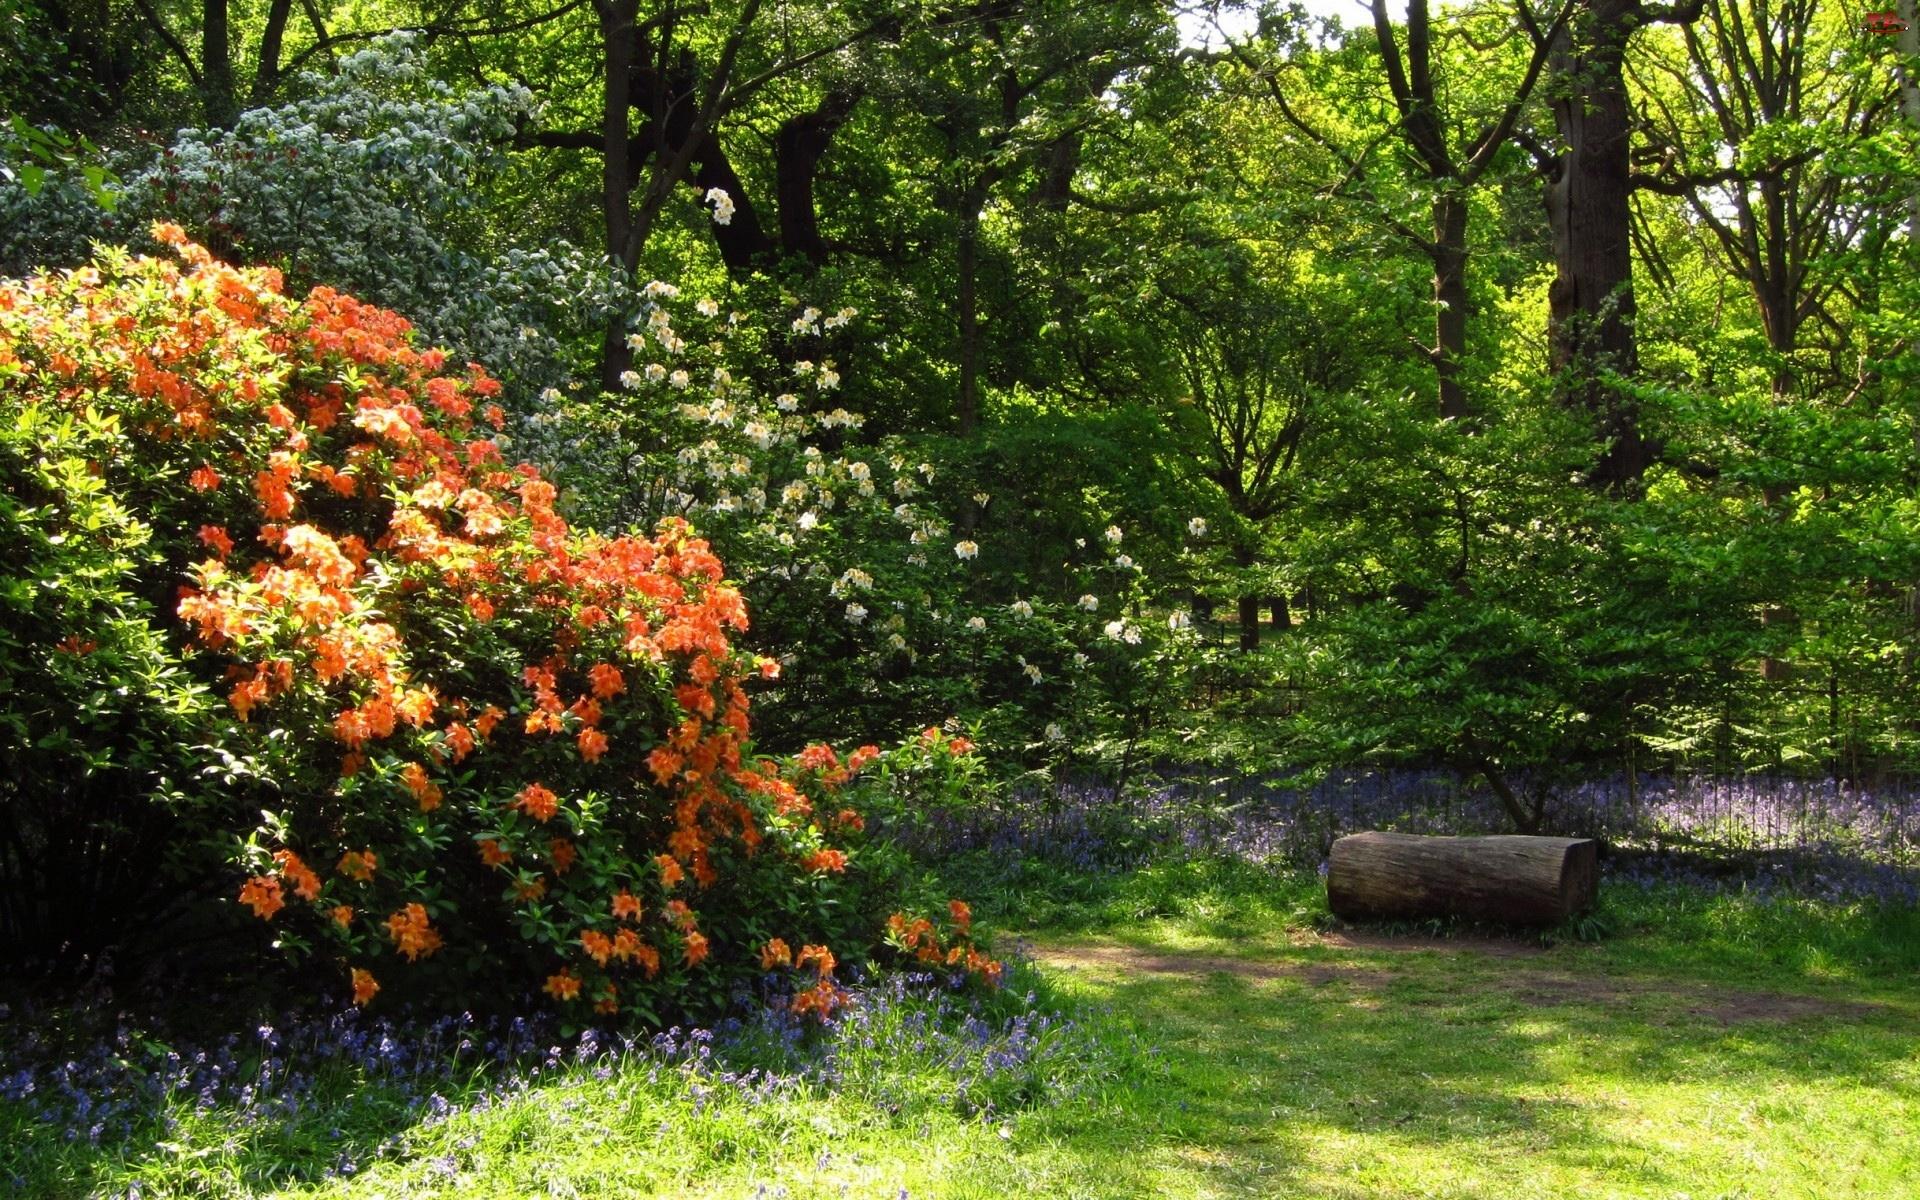 Krzewy, Ścieżka, Park, Rododendrony, Kwitnące, Kwiaty